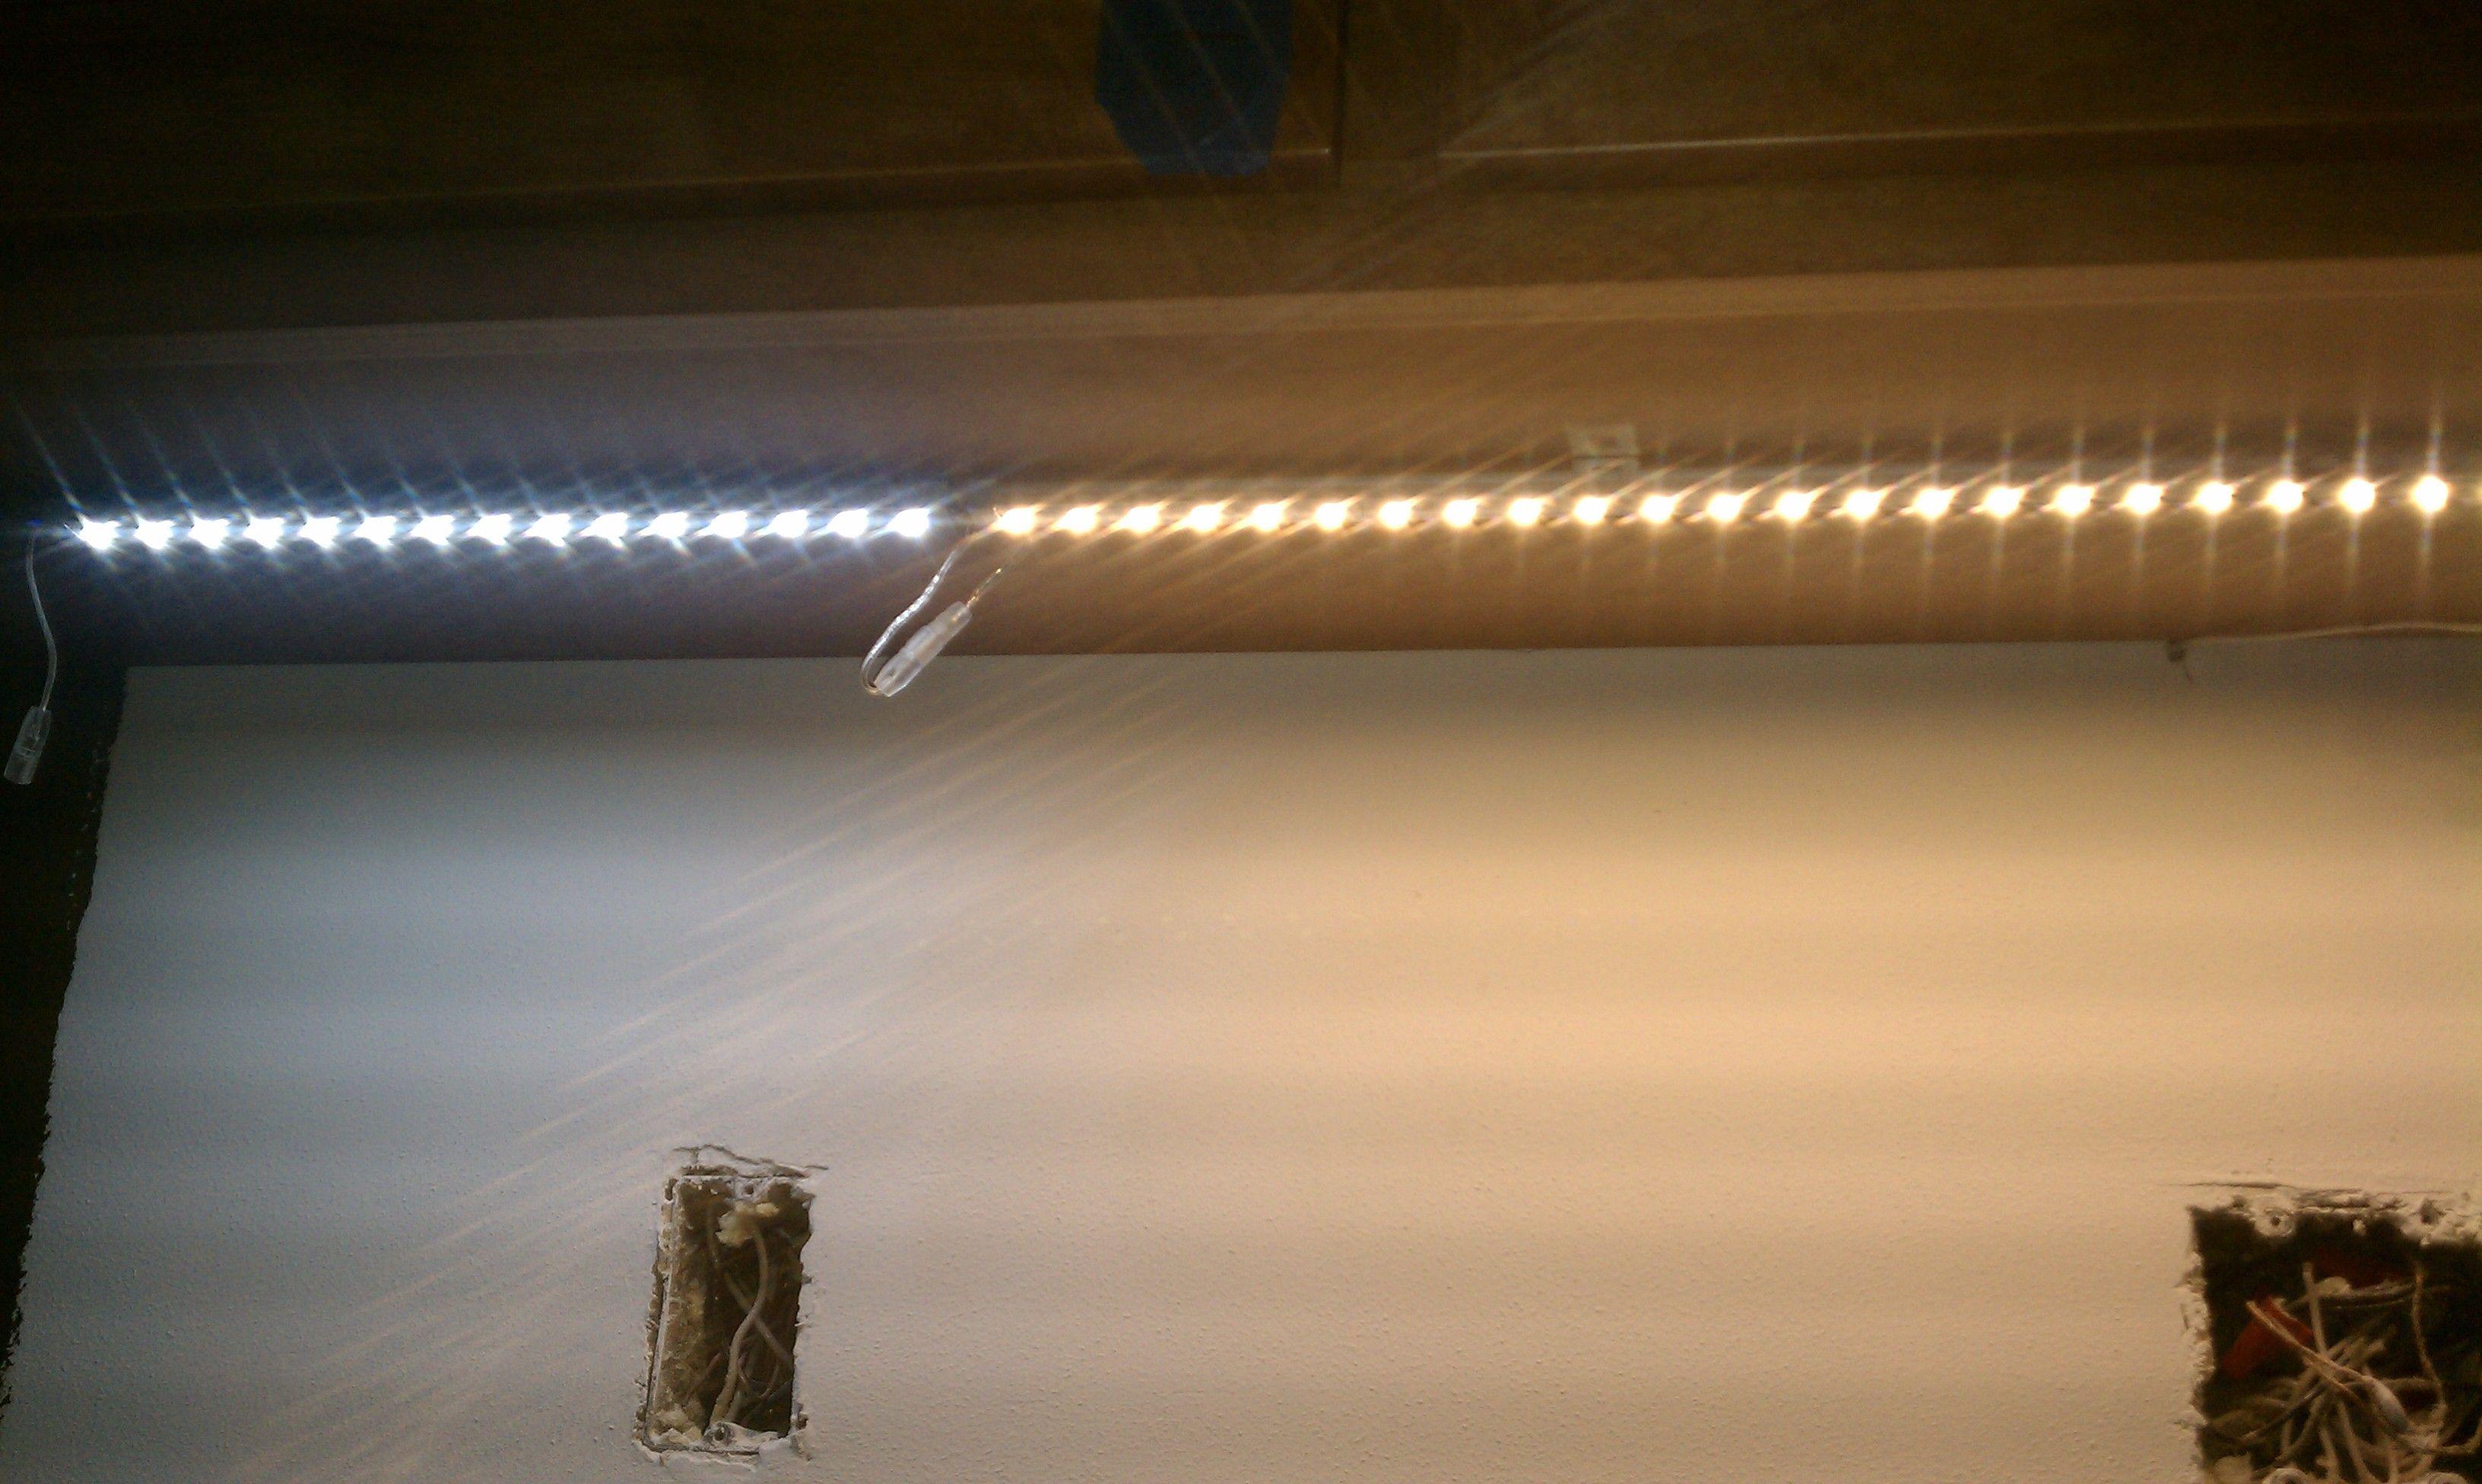 Under cabinet lighting led or halogen striking n w l un r c bin under cabinet lighting led or halogen striking n w l un r c bin kitchen light endearing kitchen under audiocablefo